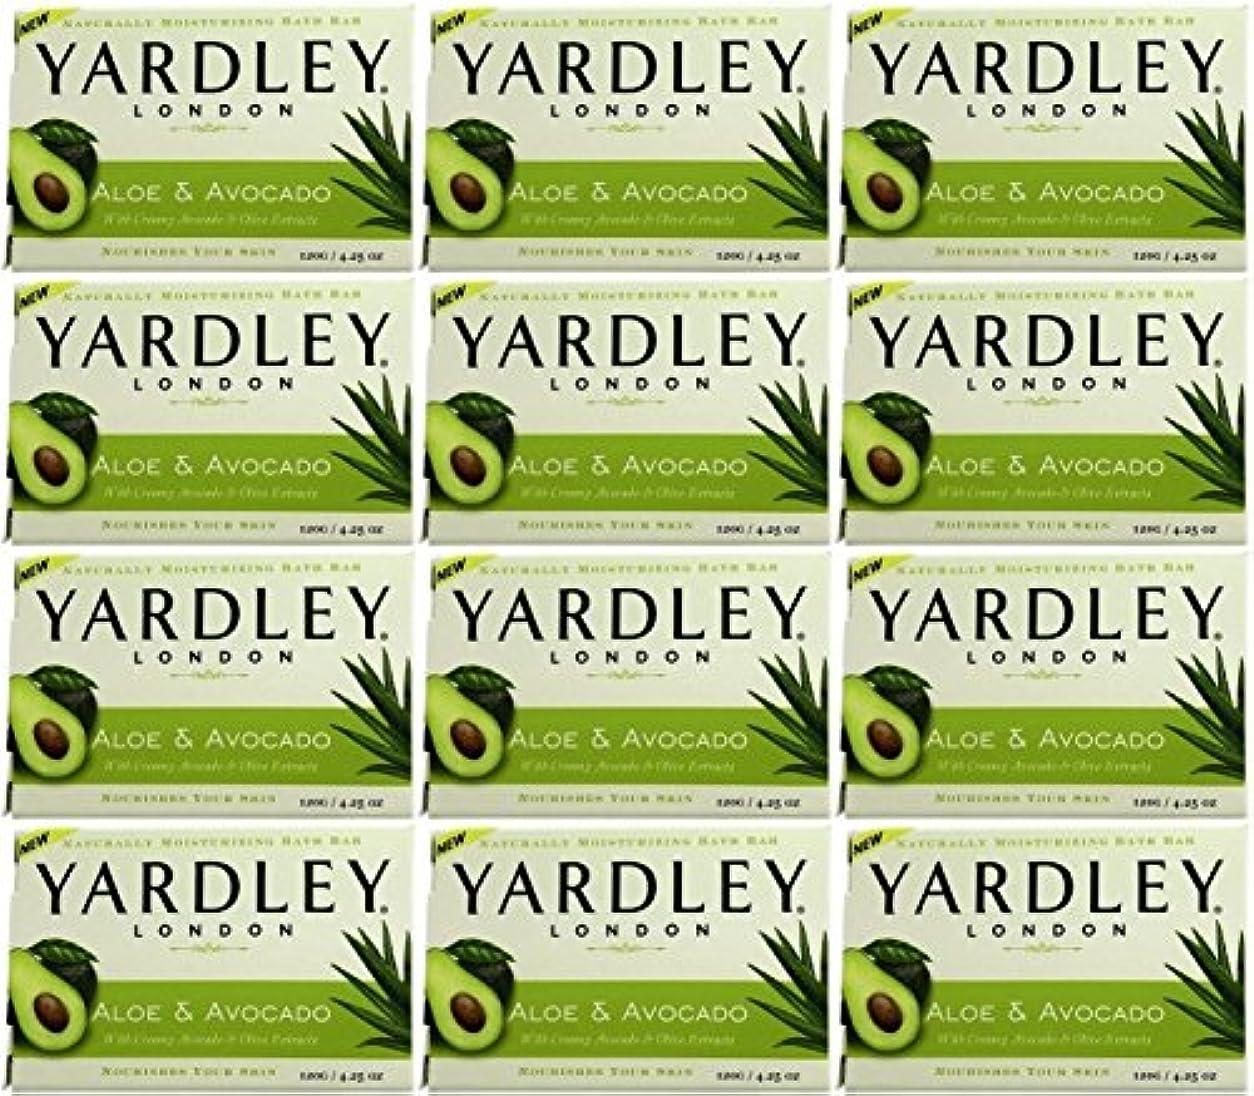 合体シャツ先生Yardley ロンドンアロエアボカド当然のことながら保湿入浴バー4.25オズ(12パック) 12のパック ヌル